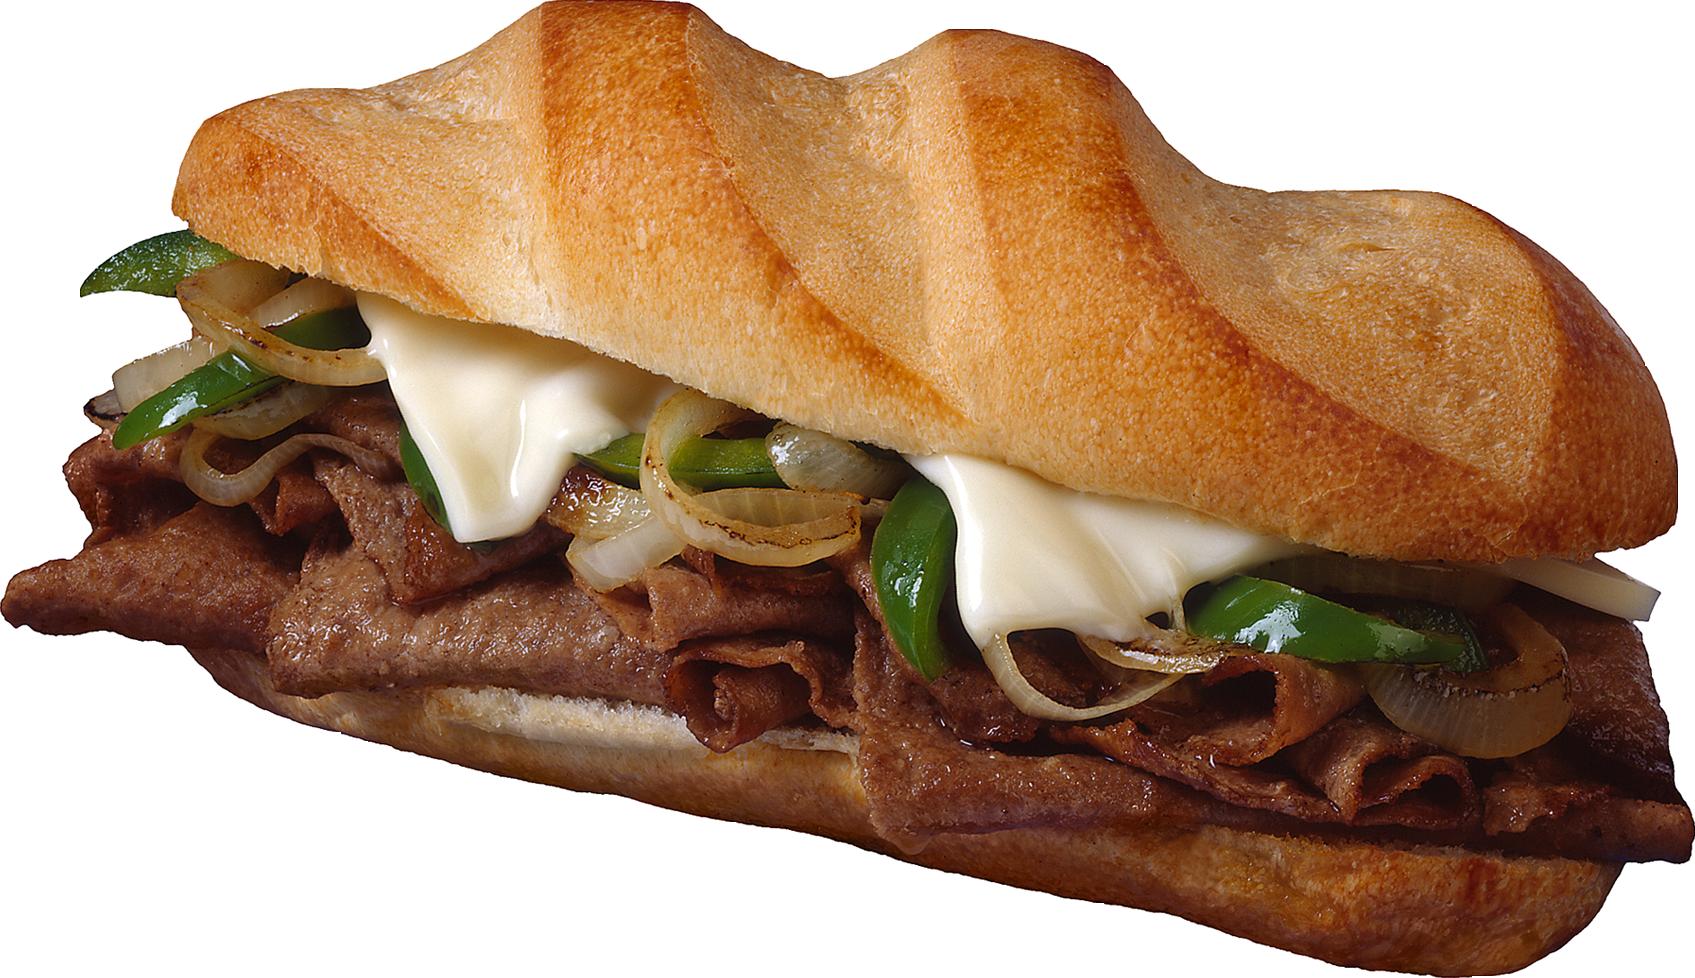 Meat Sandwhich Philly Cheese Steak Sandwich Philly Cheese Steak Steak Sandwich